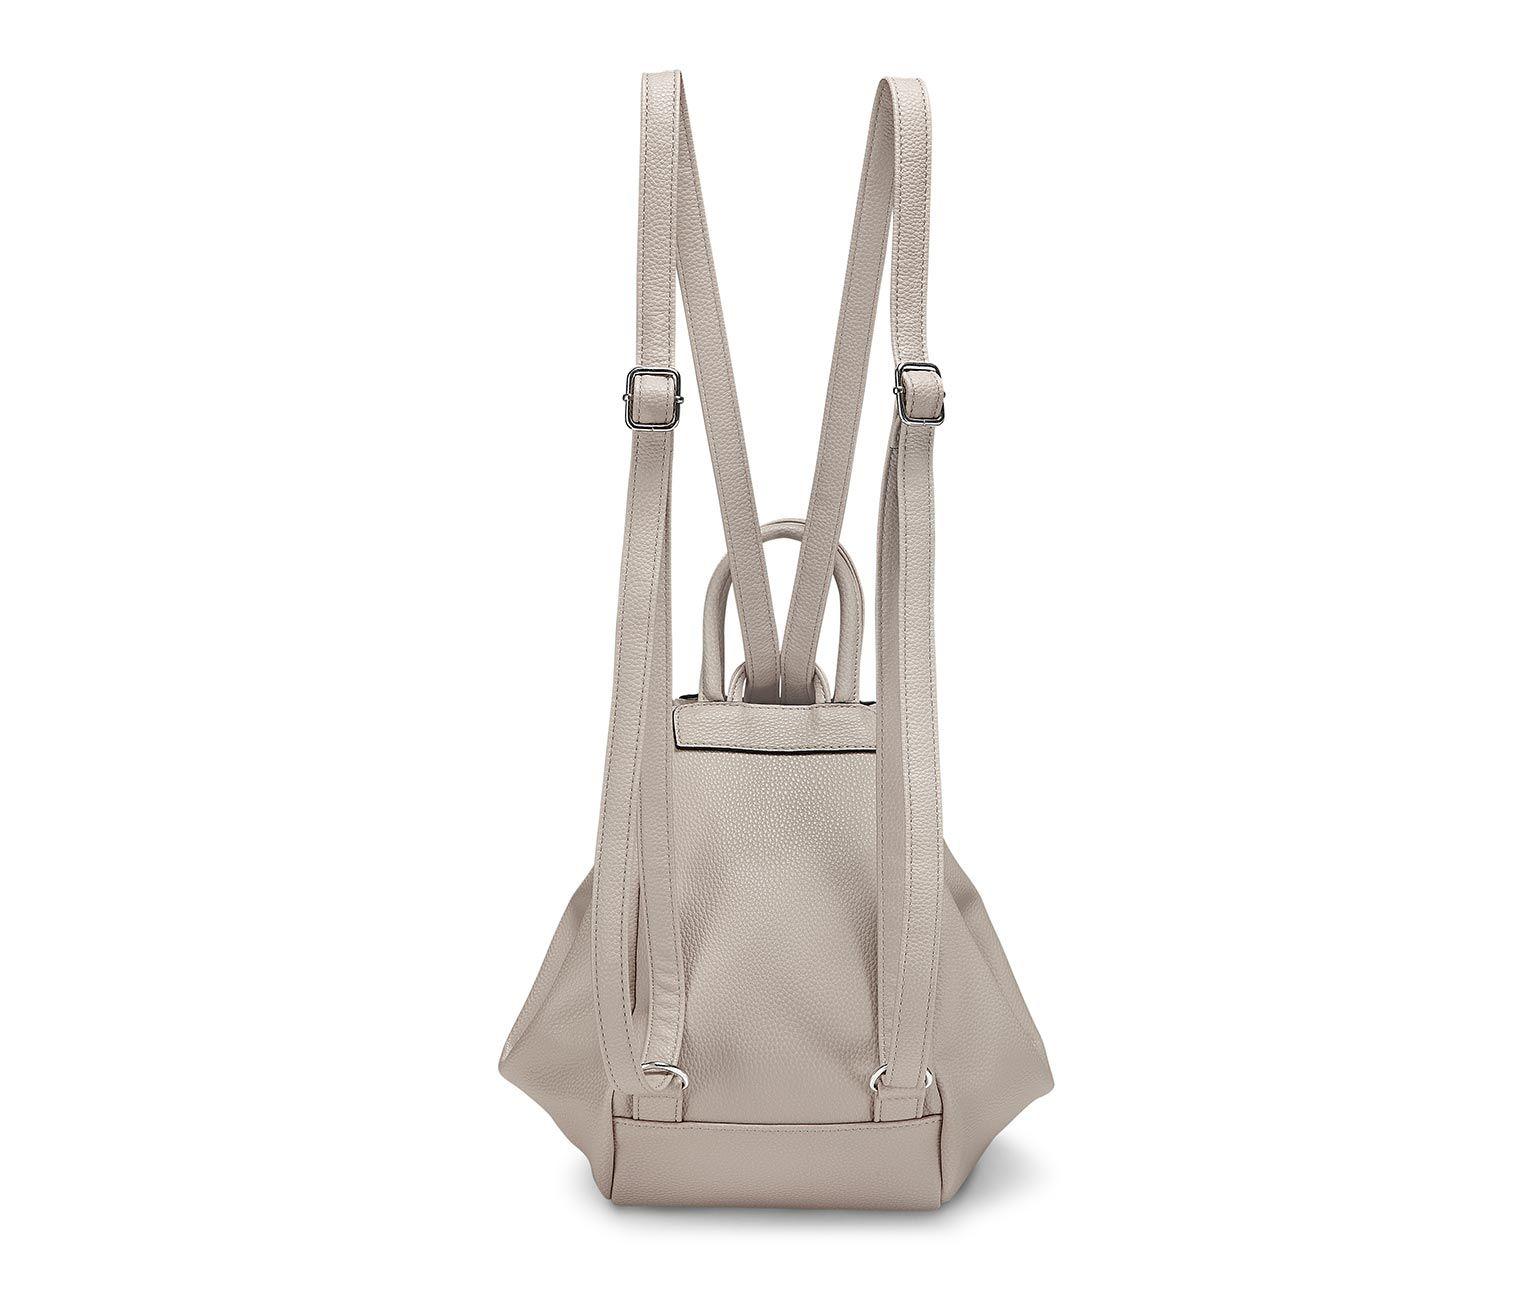 2-in-1-Rucksack online bestellen bei Tchibo 327230   My wishlist ...